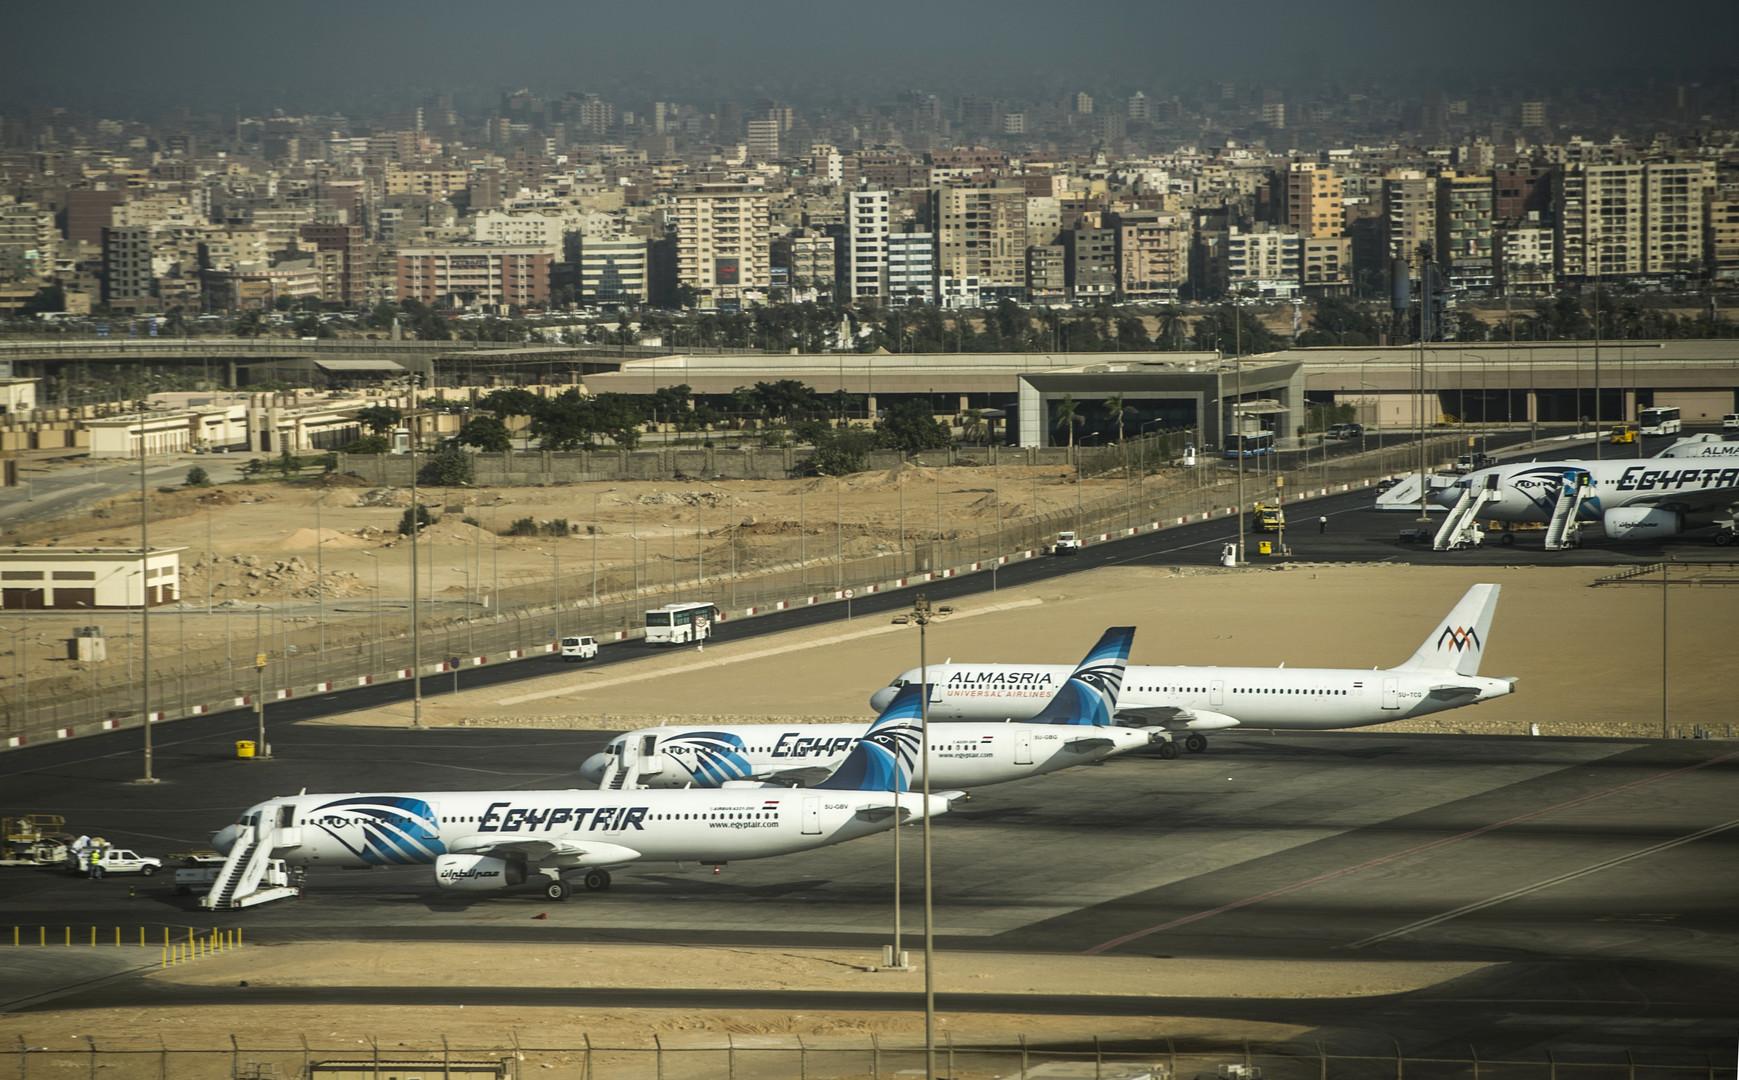 مأساة طائرة مدنية أسقطت بدم بارد